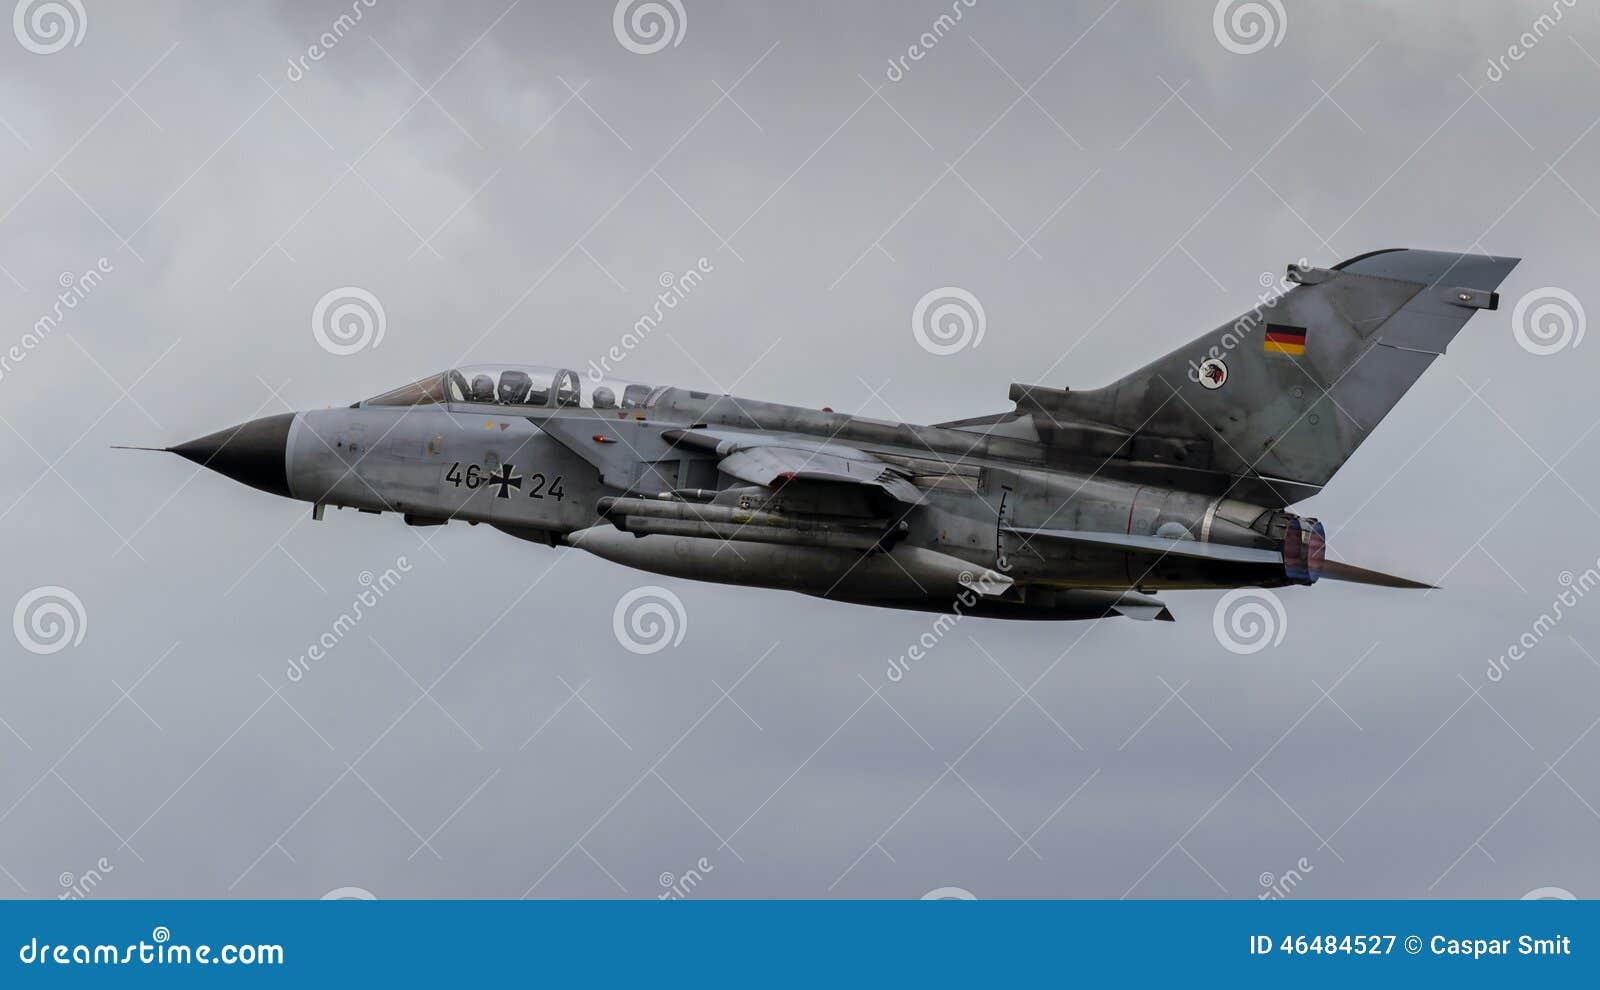 德国人空军队龙卷风